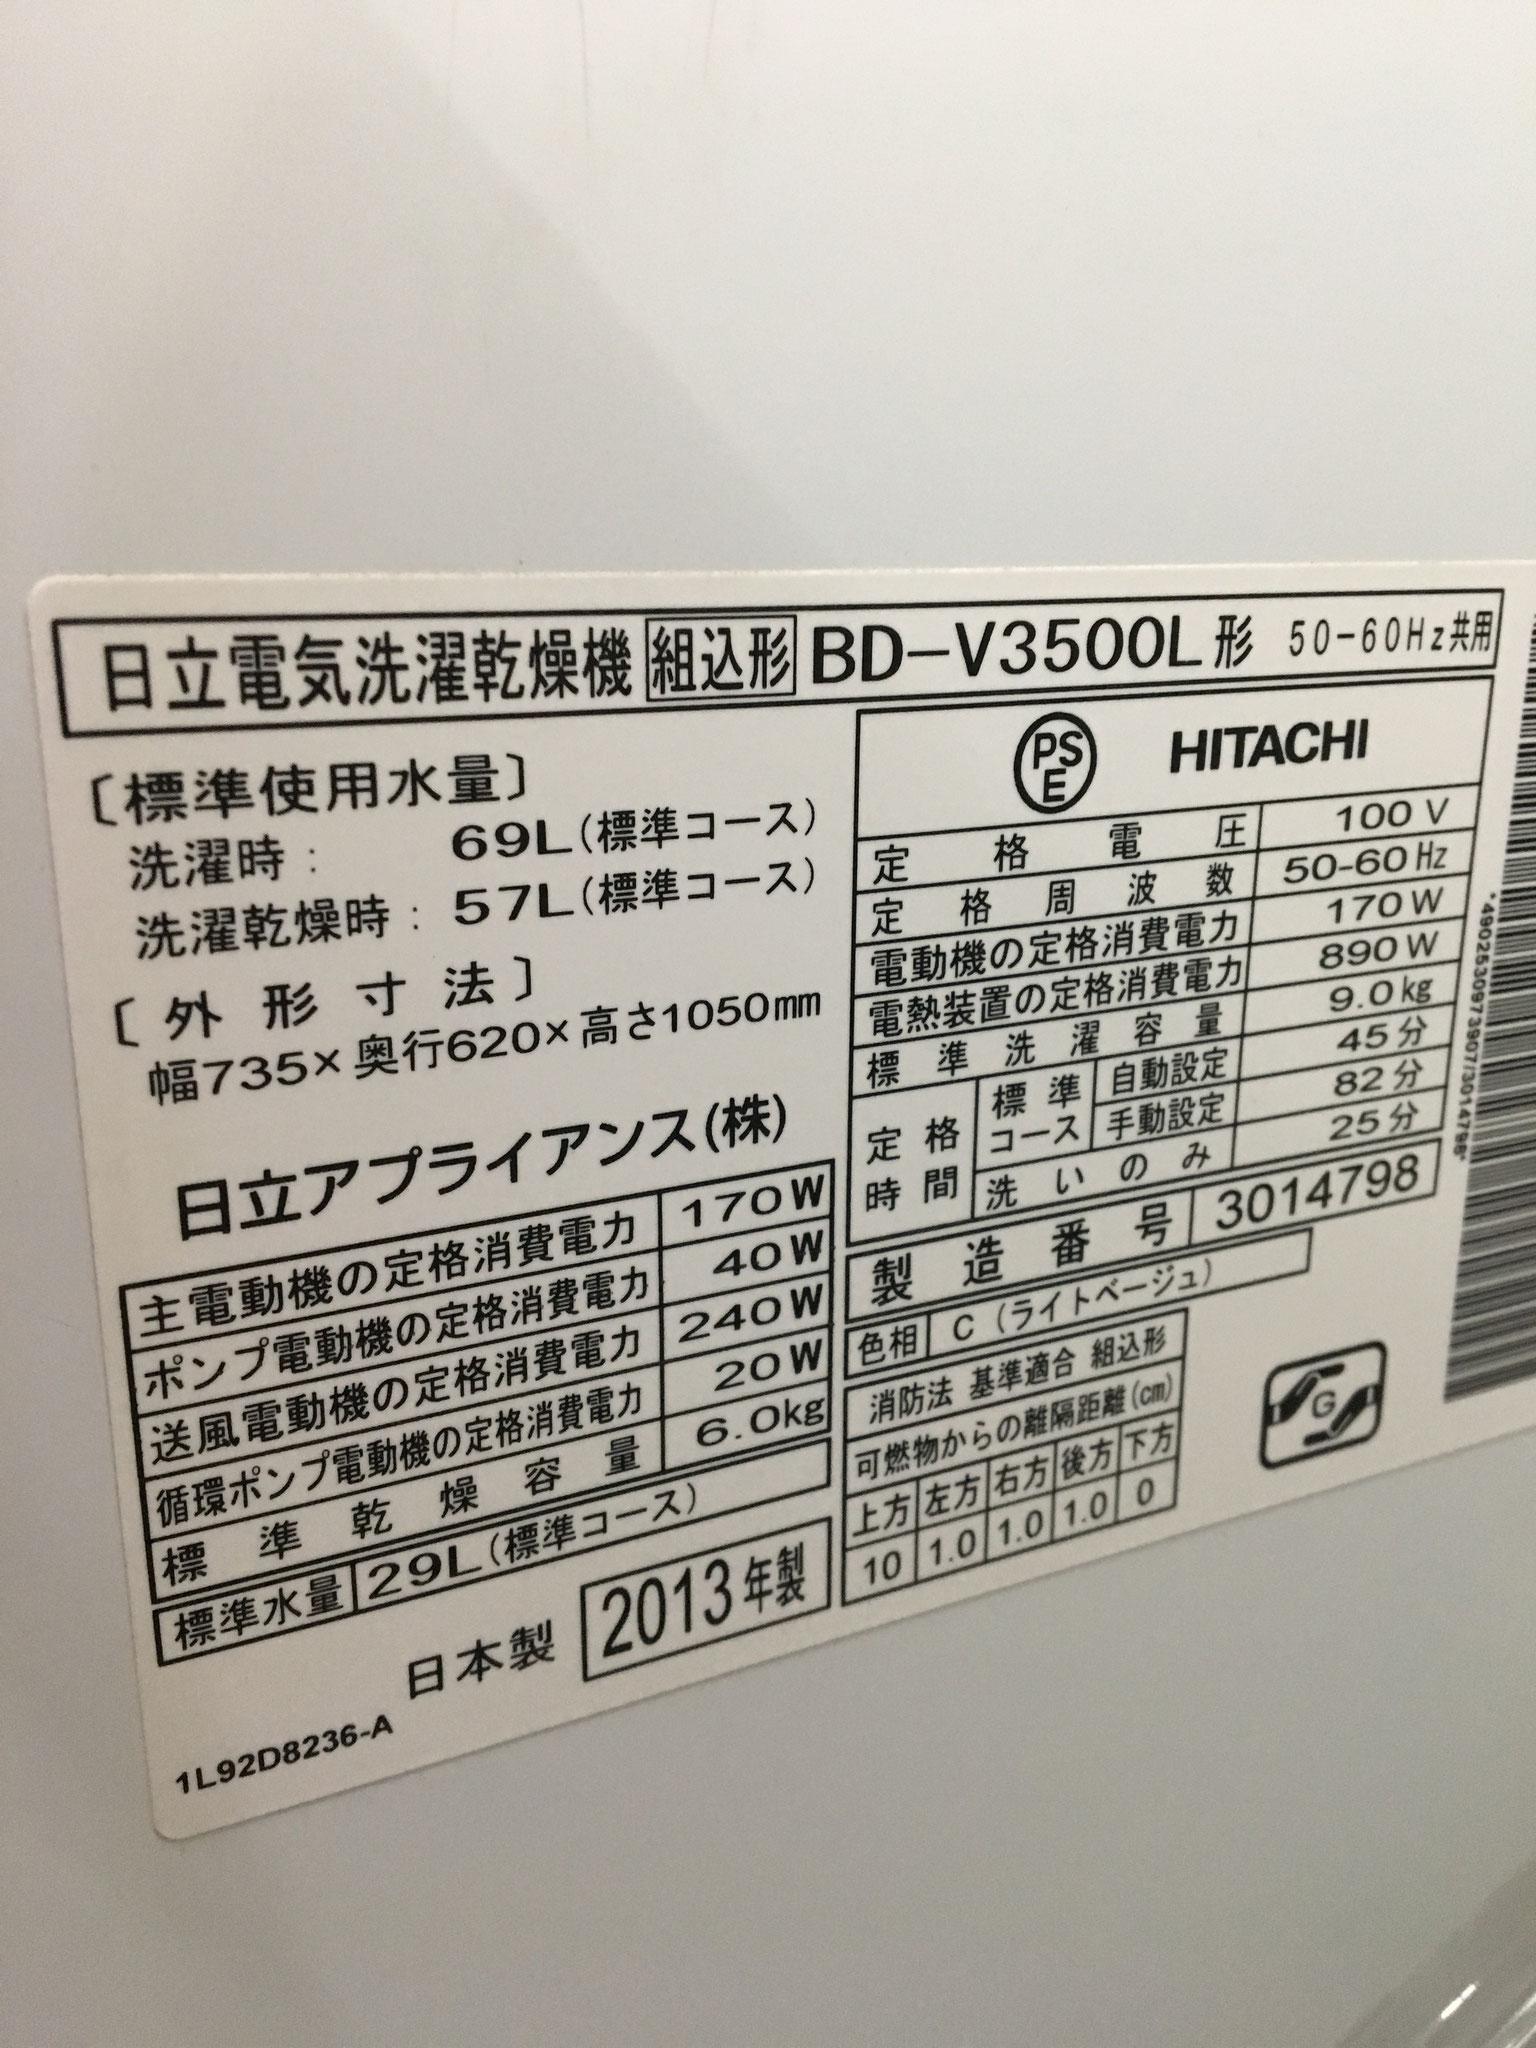 BD-V3500L